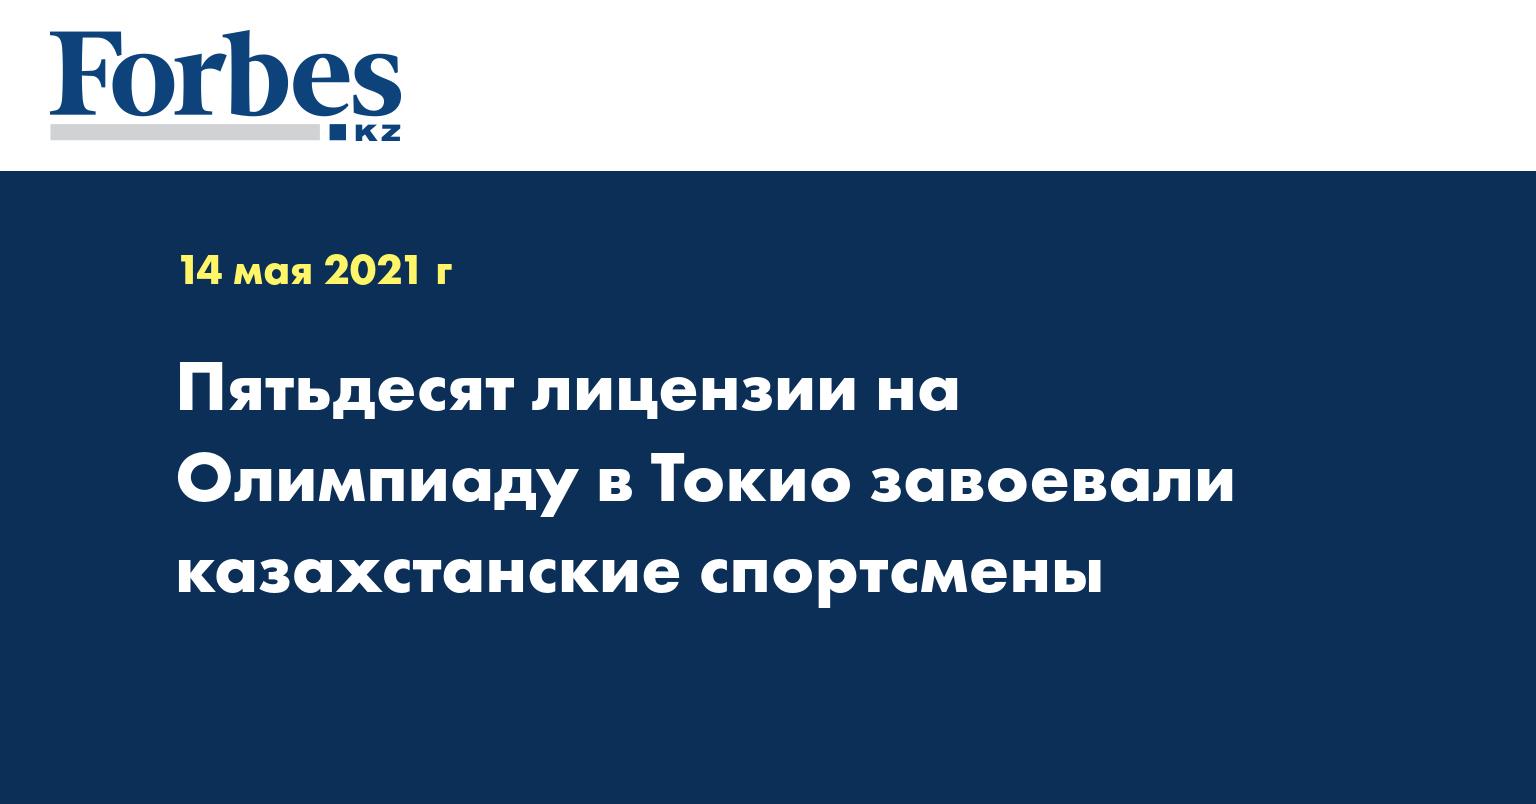 Пятьдесят лицензий на Олимпиаду в Токио завоевали казахстанские спортсмены